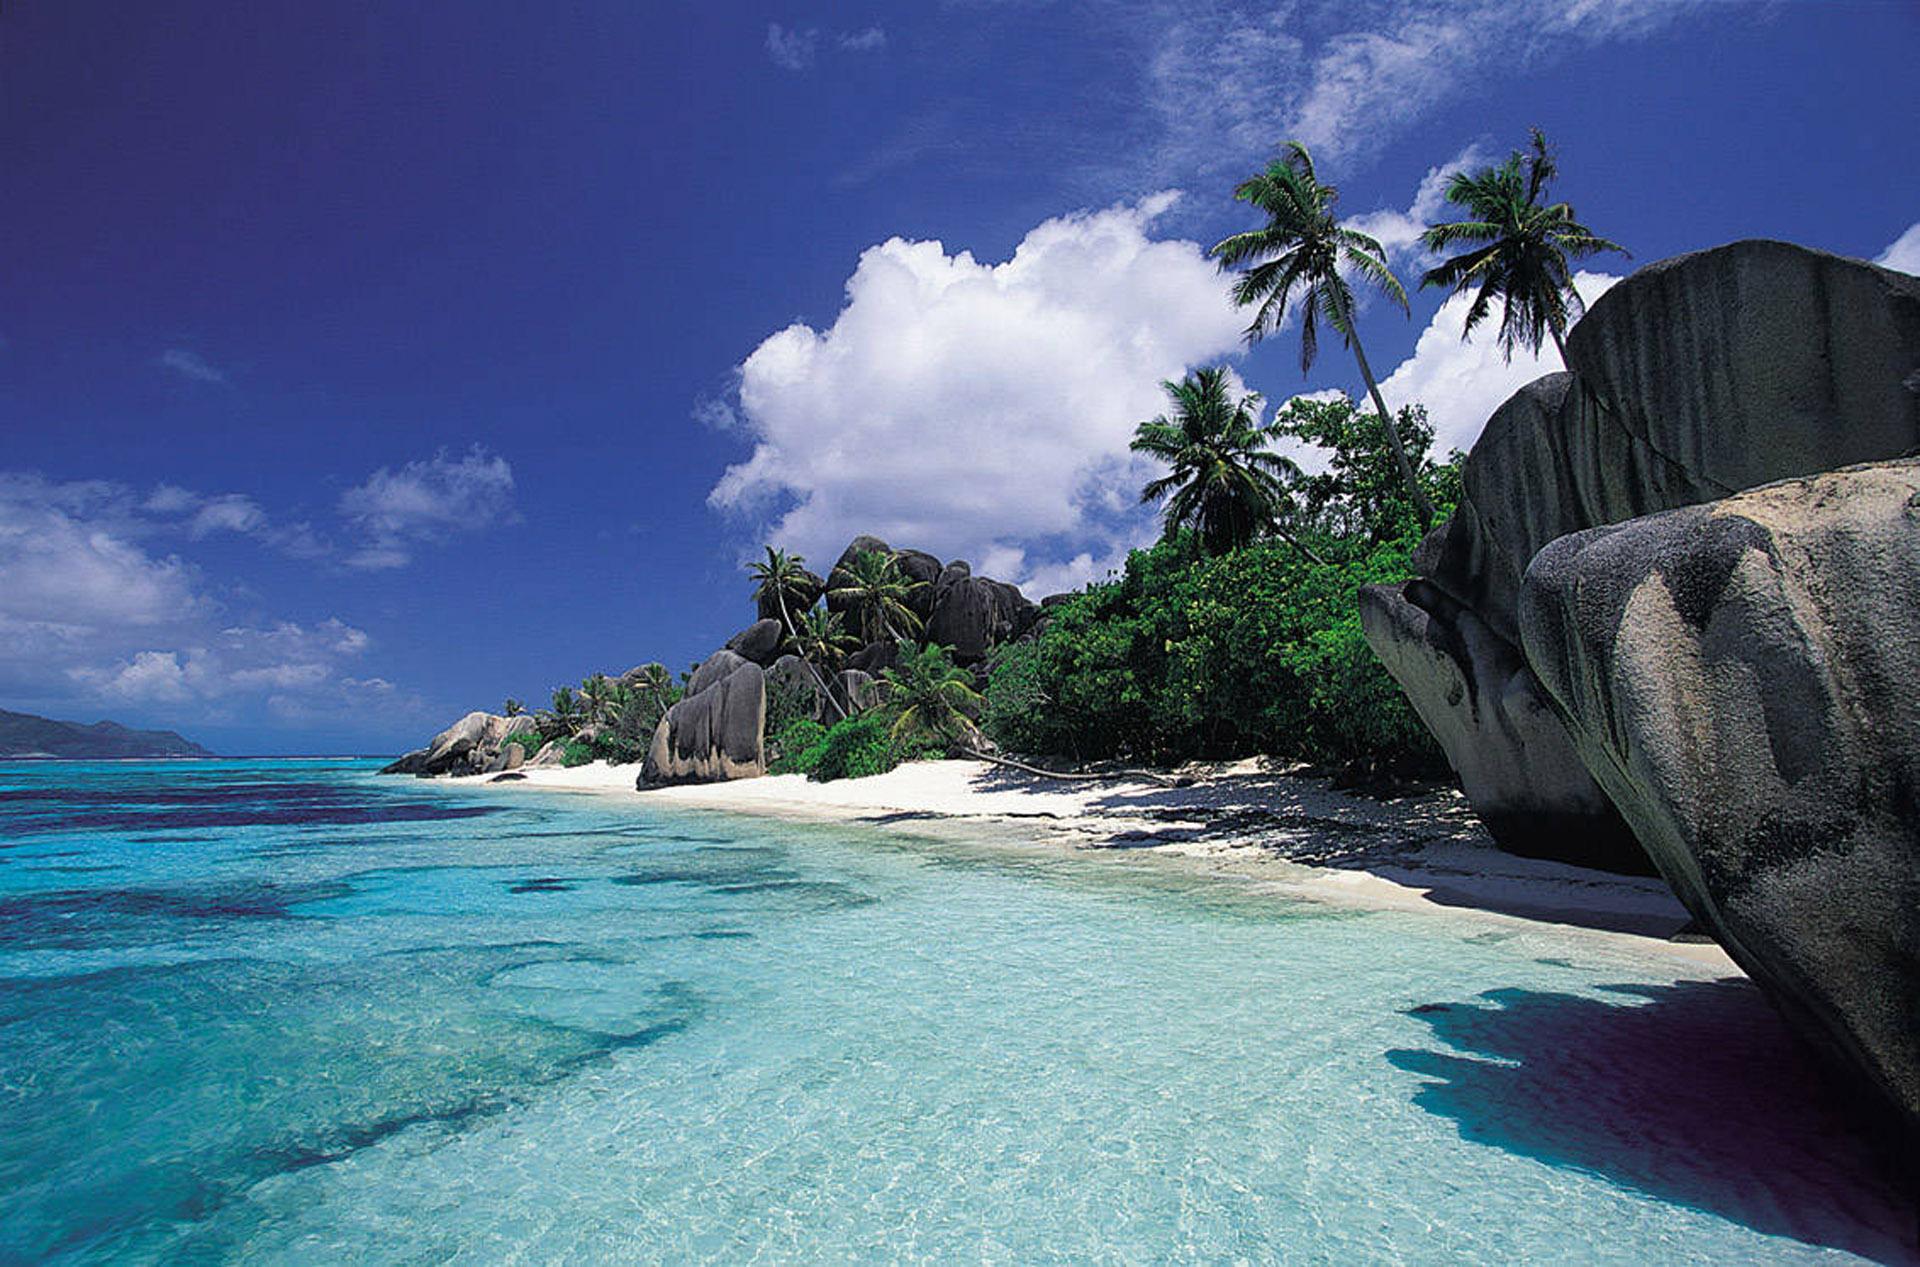 Playas de infinitos tonos de celestes y cristalinos coronan a la isla como una de las mas bonitas